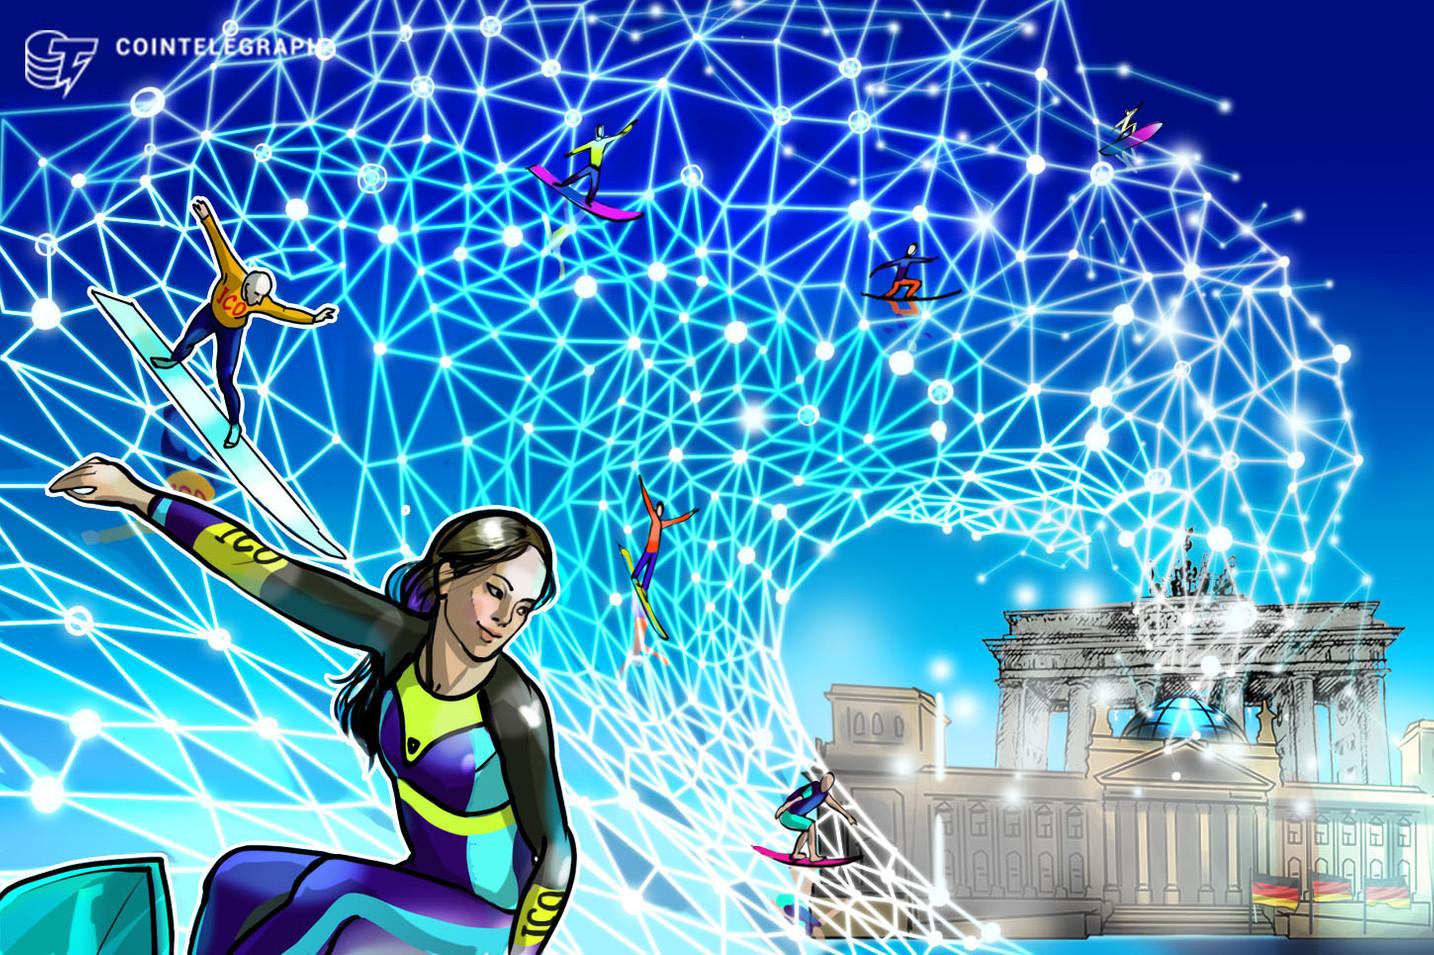 Bitkom: Börsengang für IT-Startups weiterhin deutlich attraktiver als ICOs